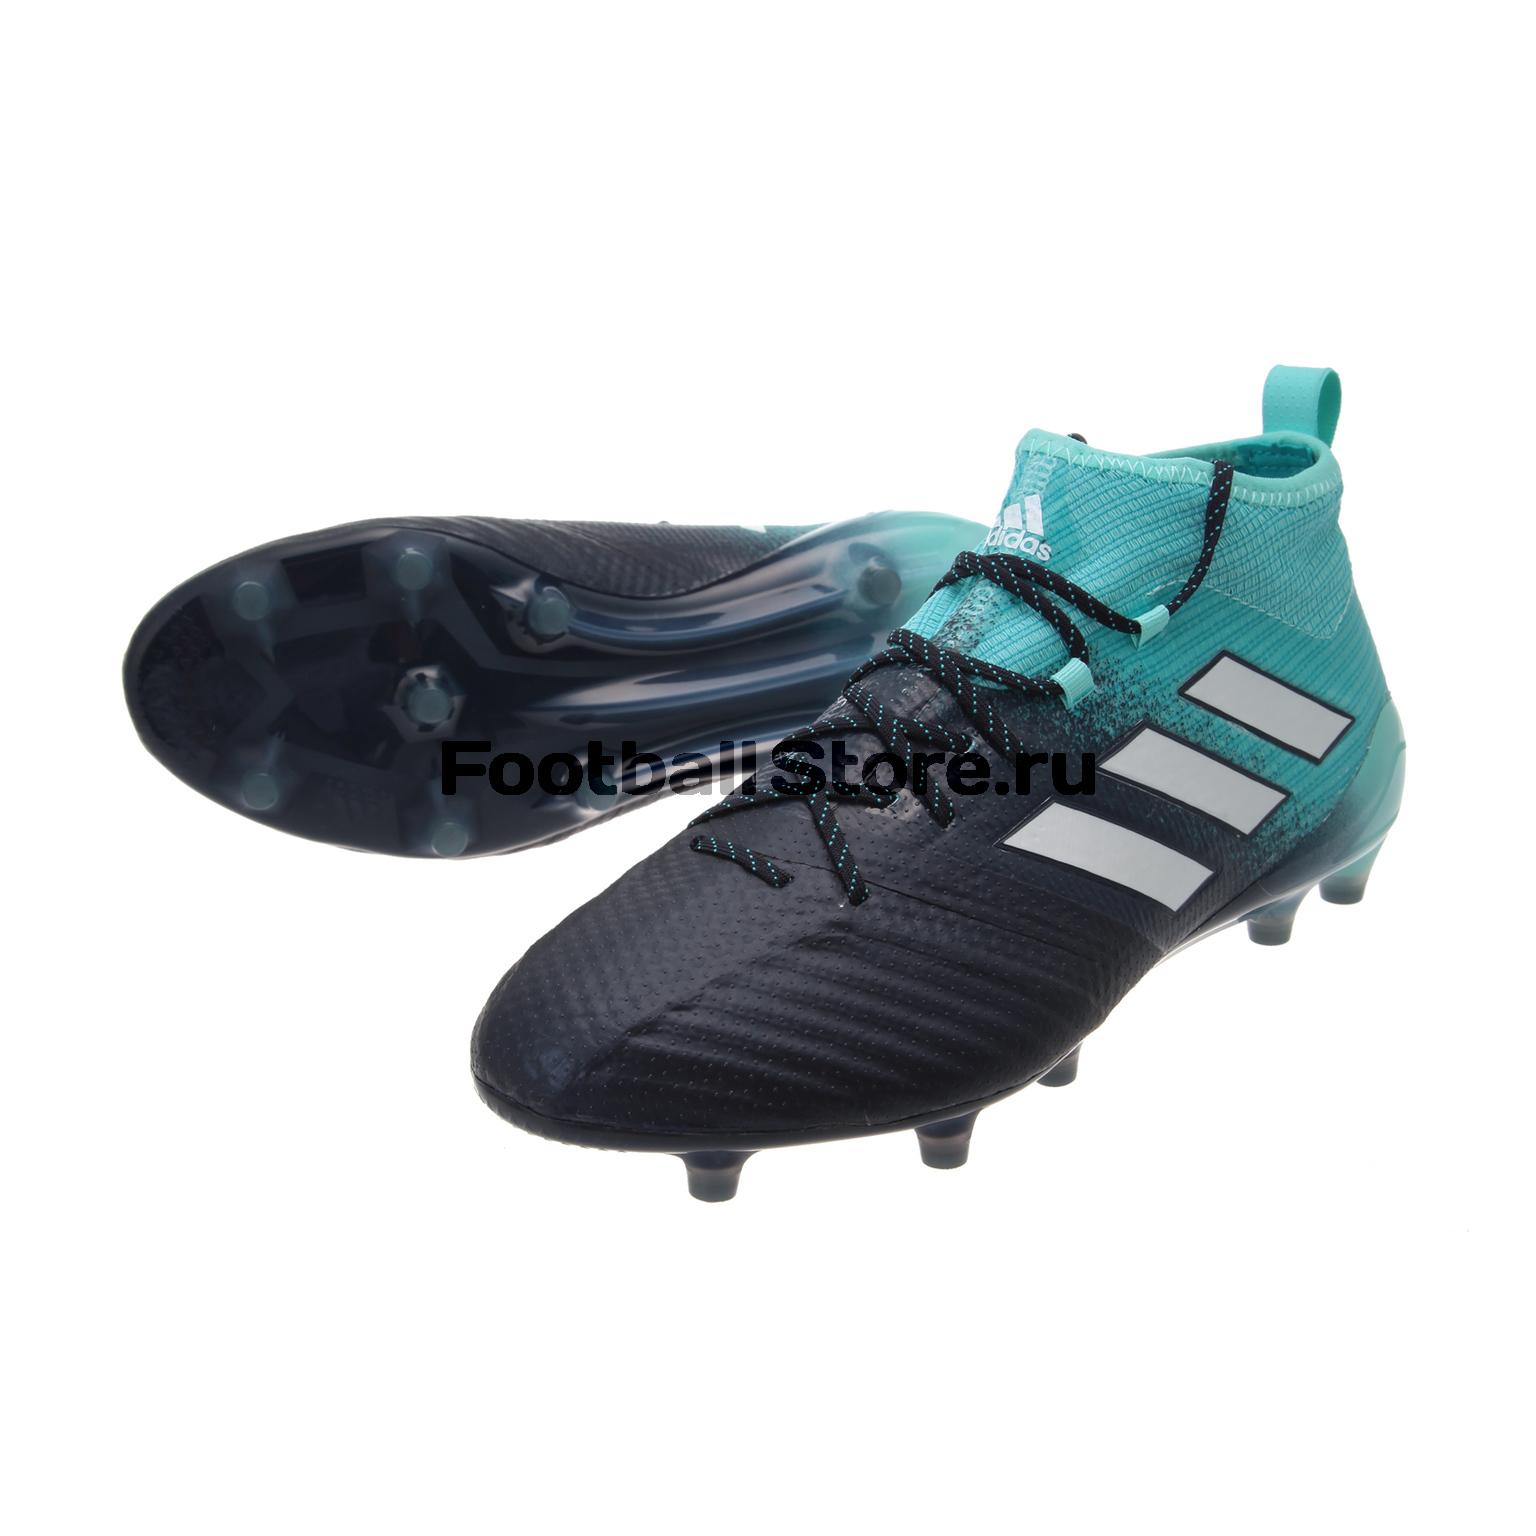 Бутсы Adidas Ace 17.1 FG BY2458 игровые бутсы adidas бутсы adidas ace 17 1 fg by2459